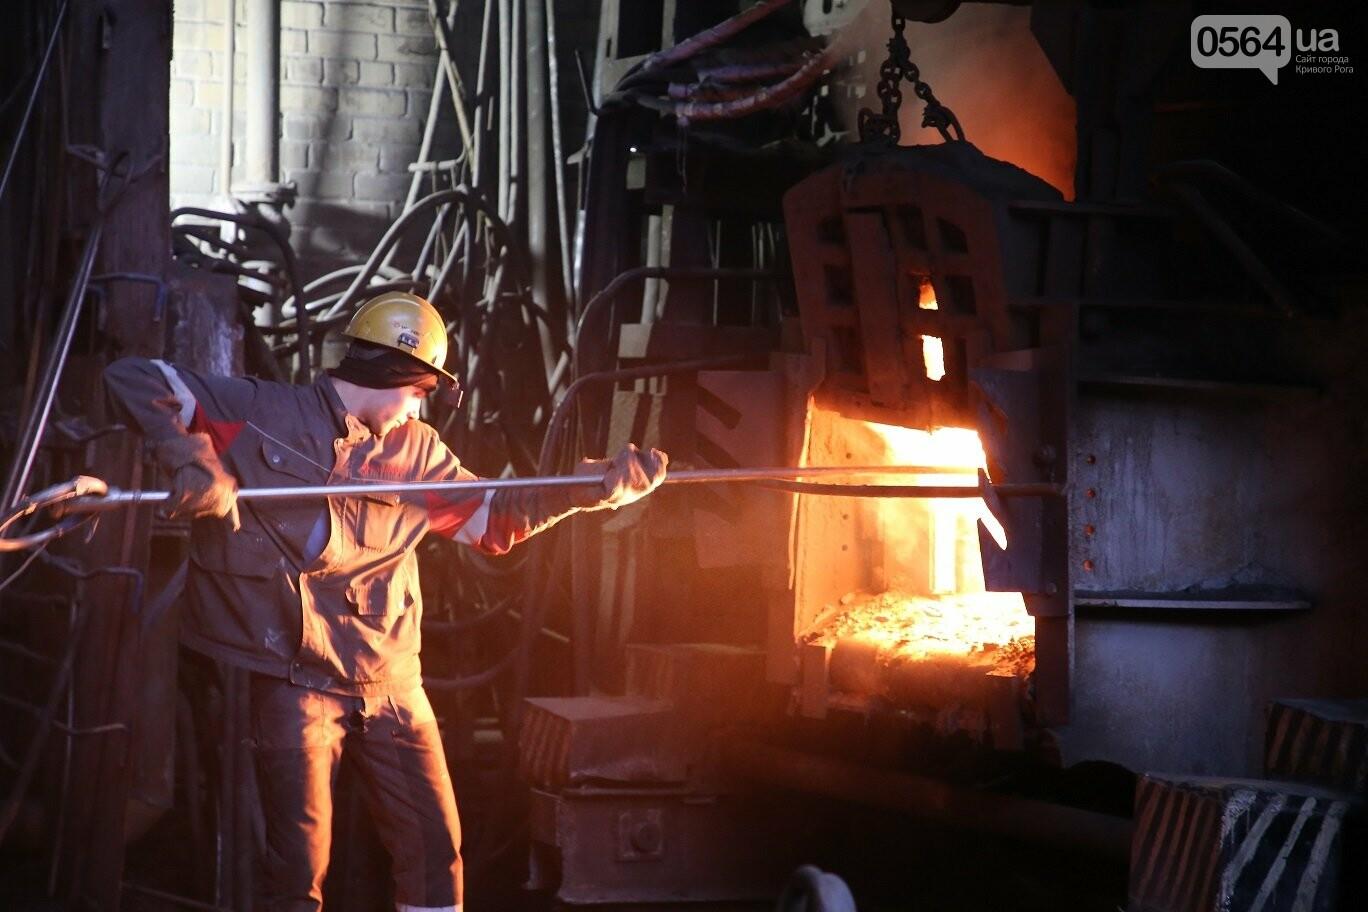 Ко Дню горняка и металлурга в компании Метинвест запустили флешмоб «Сталь вокруг нас» - #PassTheSteelChallenge, фото-2